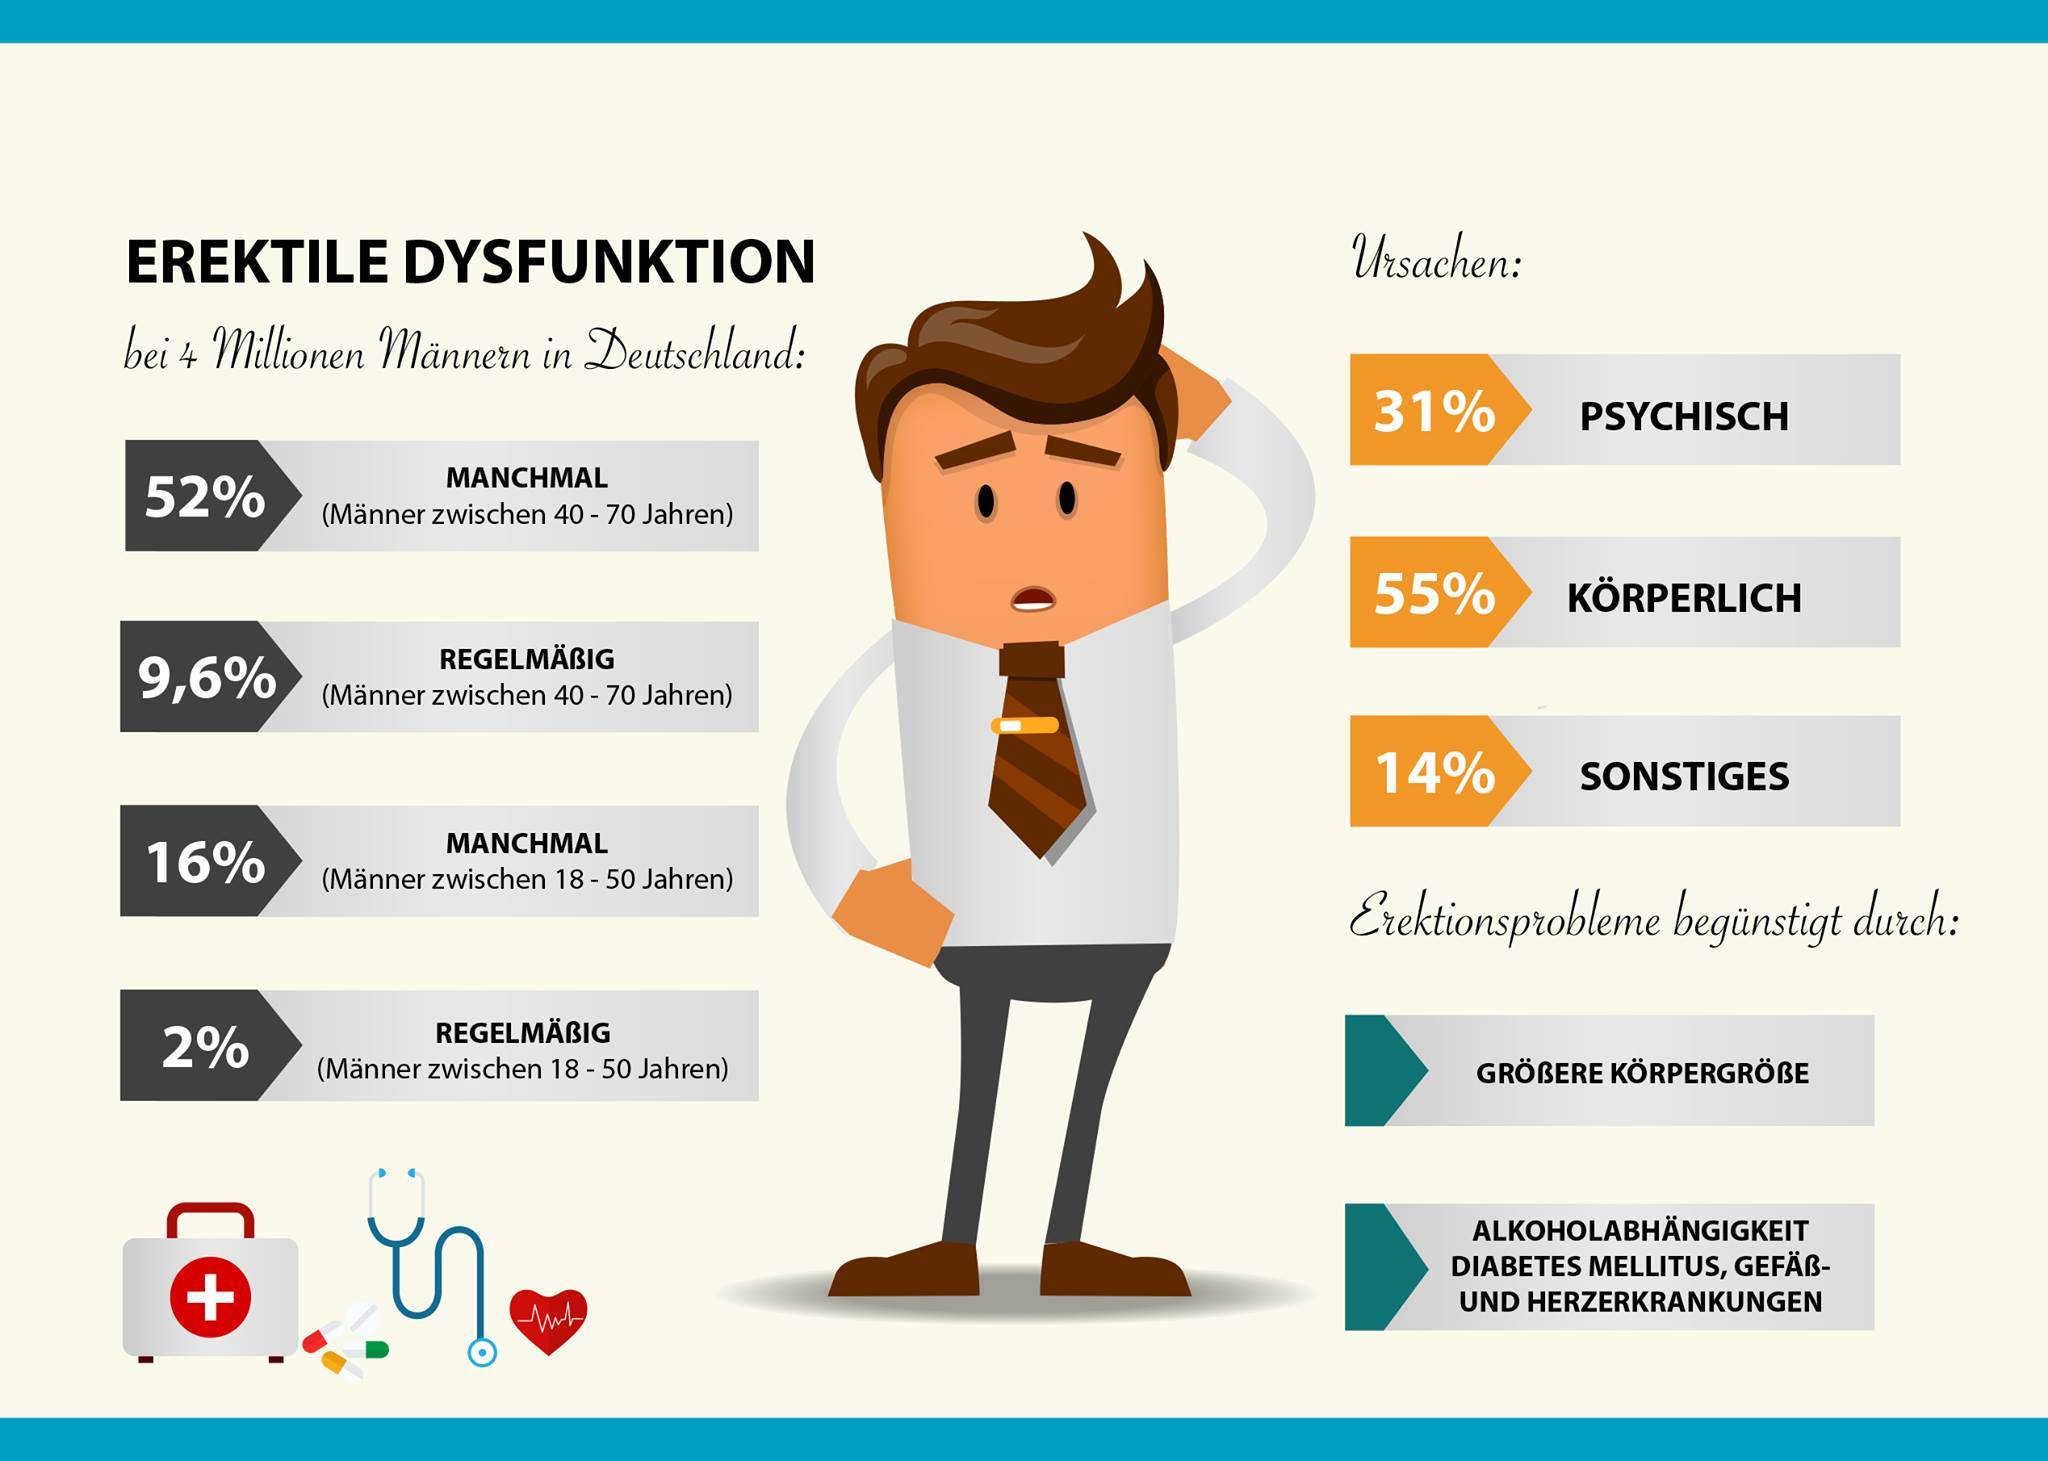 Erektile Dysfunktion: Symptome, Ursachen und Therapien